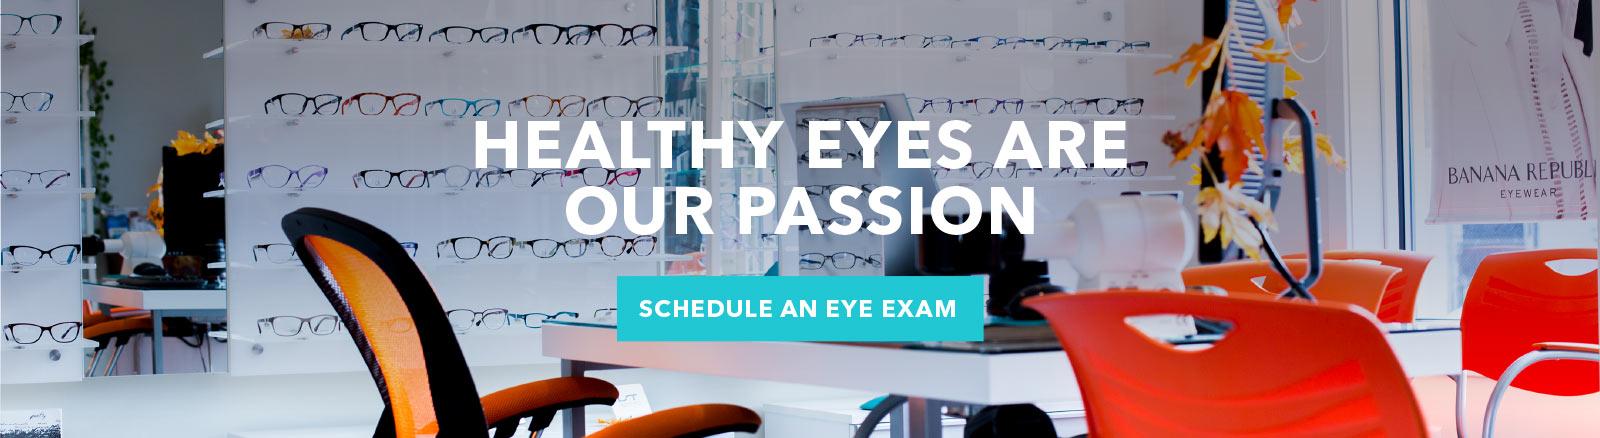 eye exams roslindale